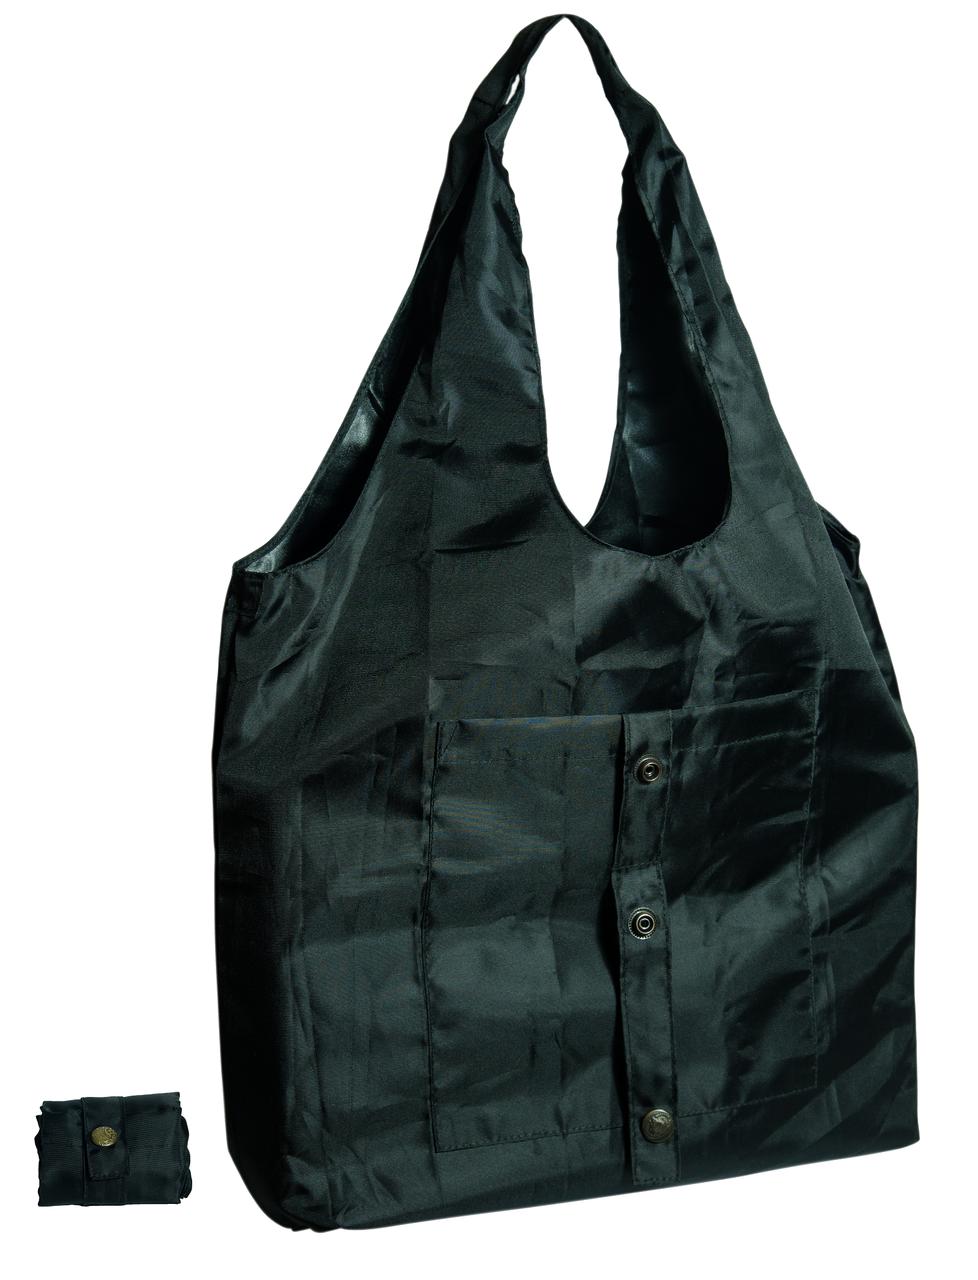 Сумка для покупок трансформер Gidra Black черная сумка хозяйственная (Украина)